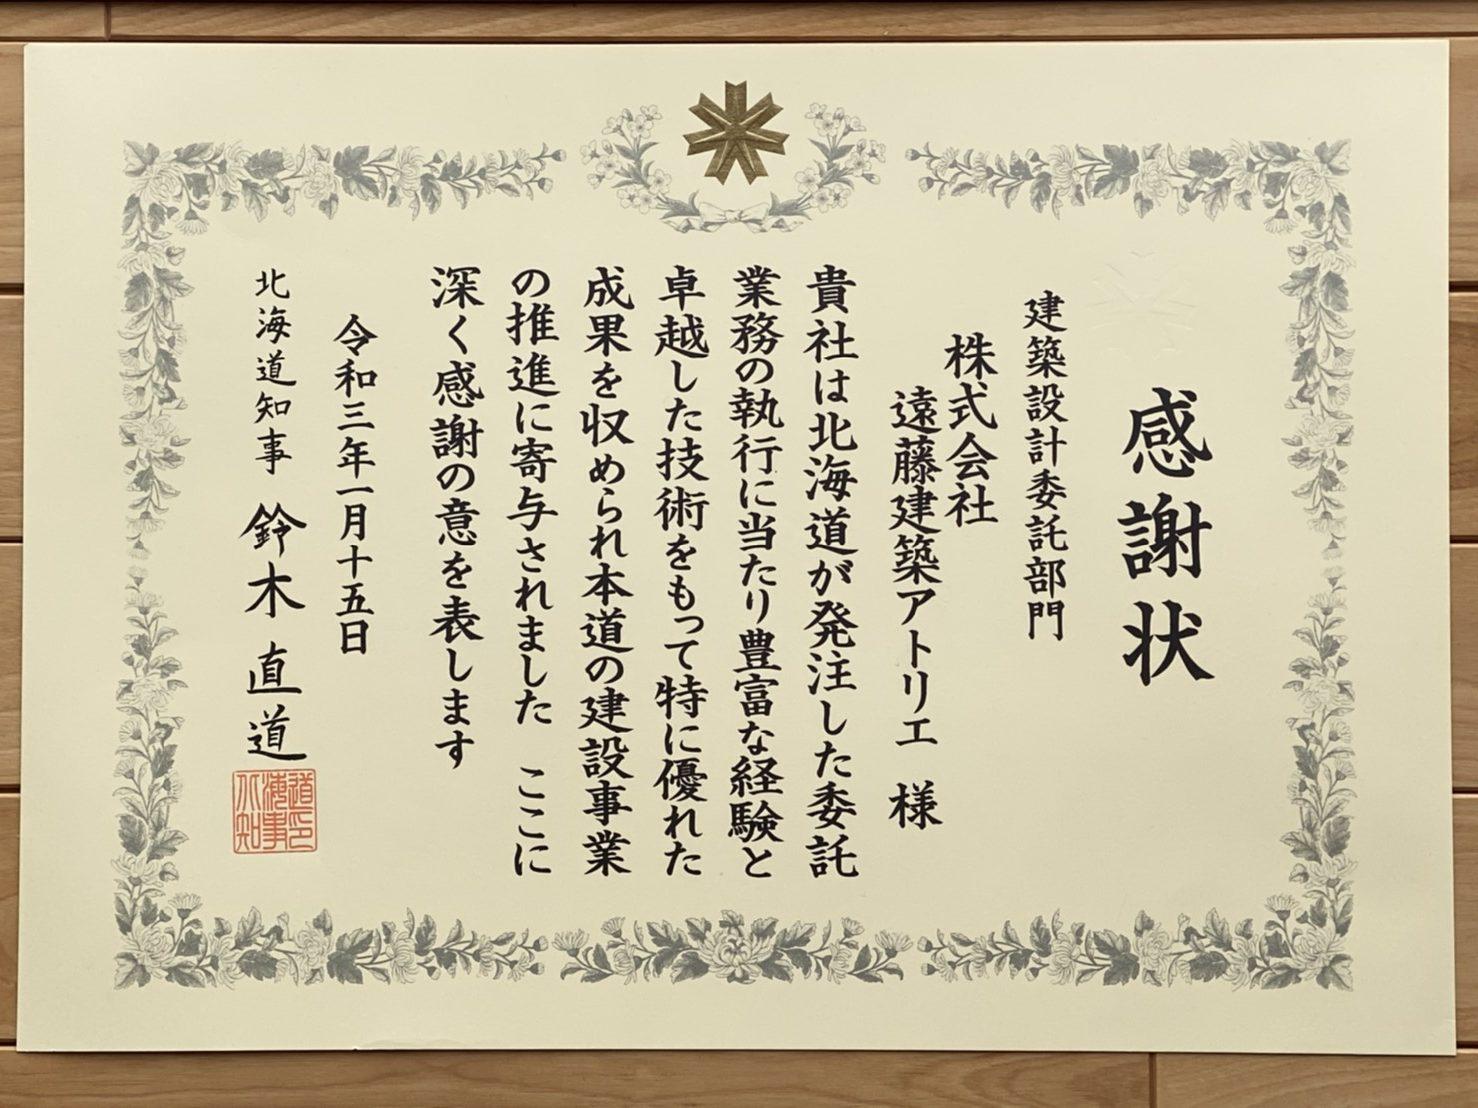 北海道知事より感謝状をいただきました。